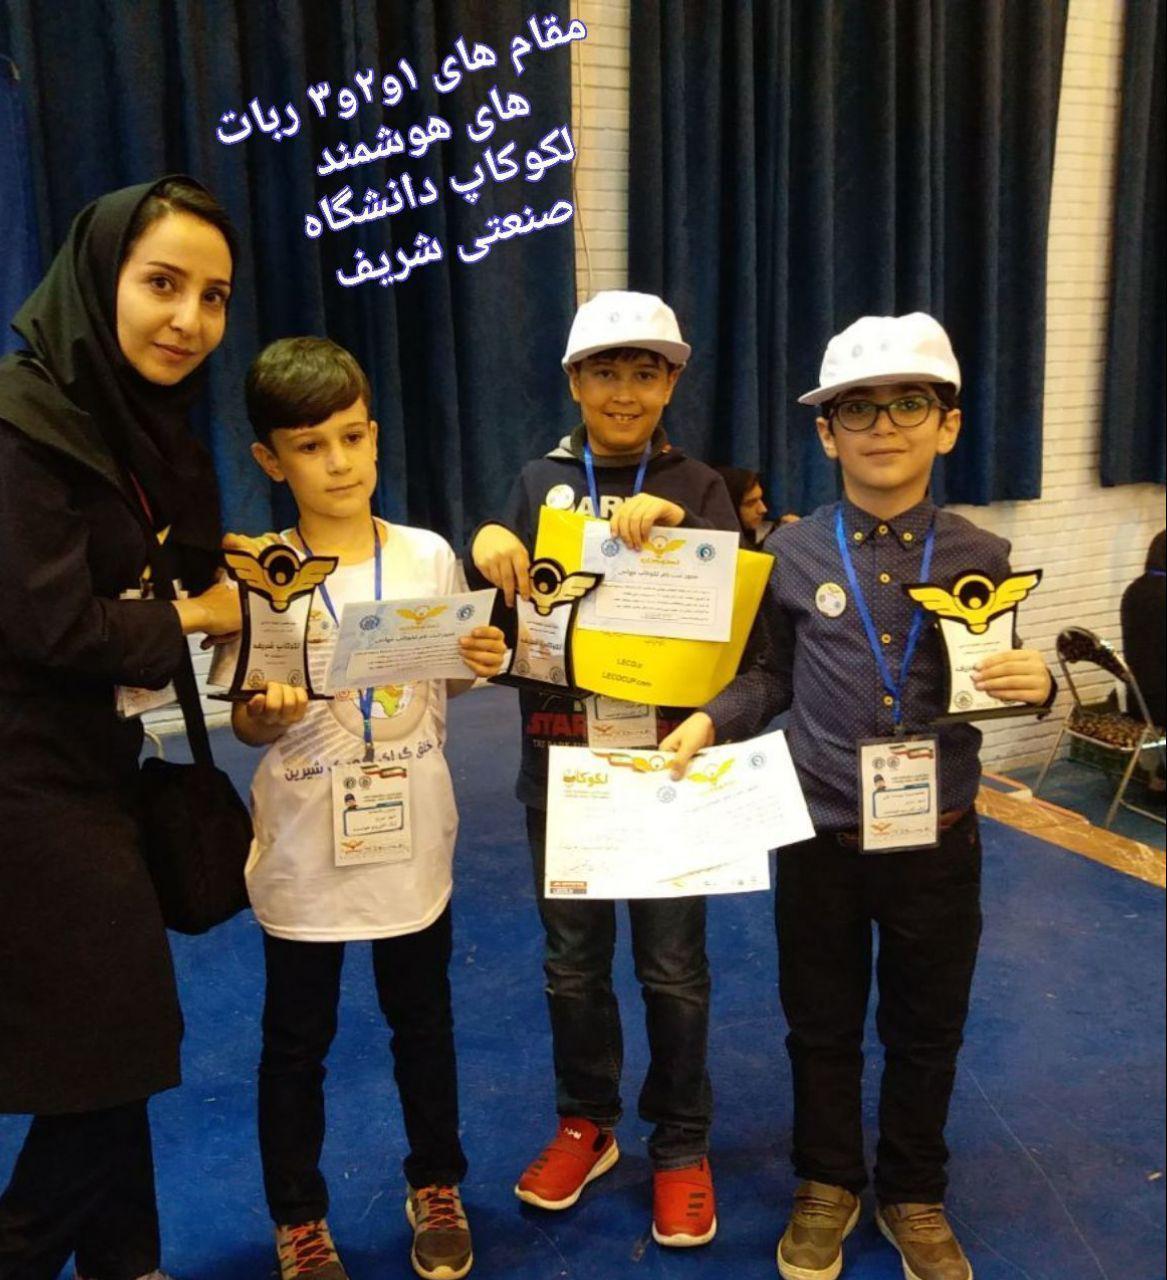 افتخار آفرینی دانش آموزان تبریزی در مسابقات جهانی لکوکاپ ۲۰۱۸ دبی